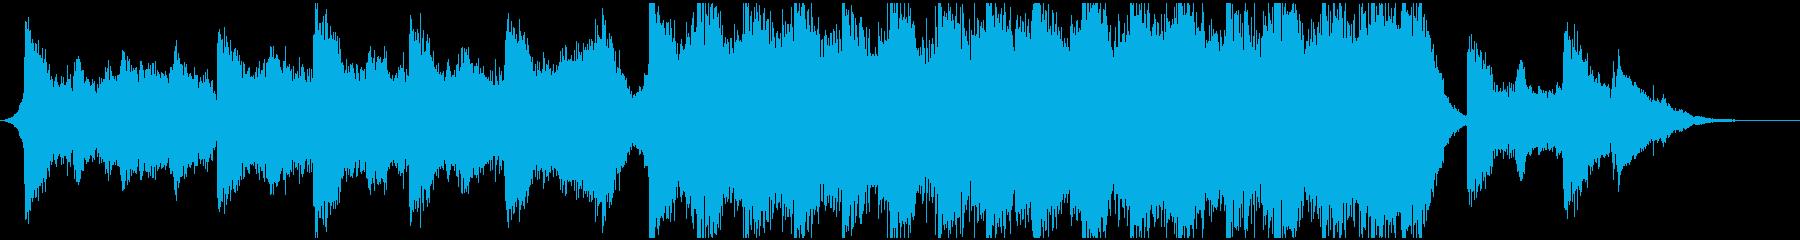 エレクトロ 交響曲 広い 壮大 ド...の再生済みの波形